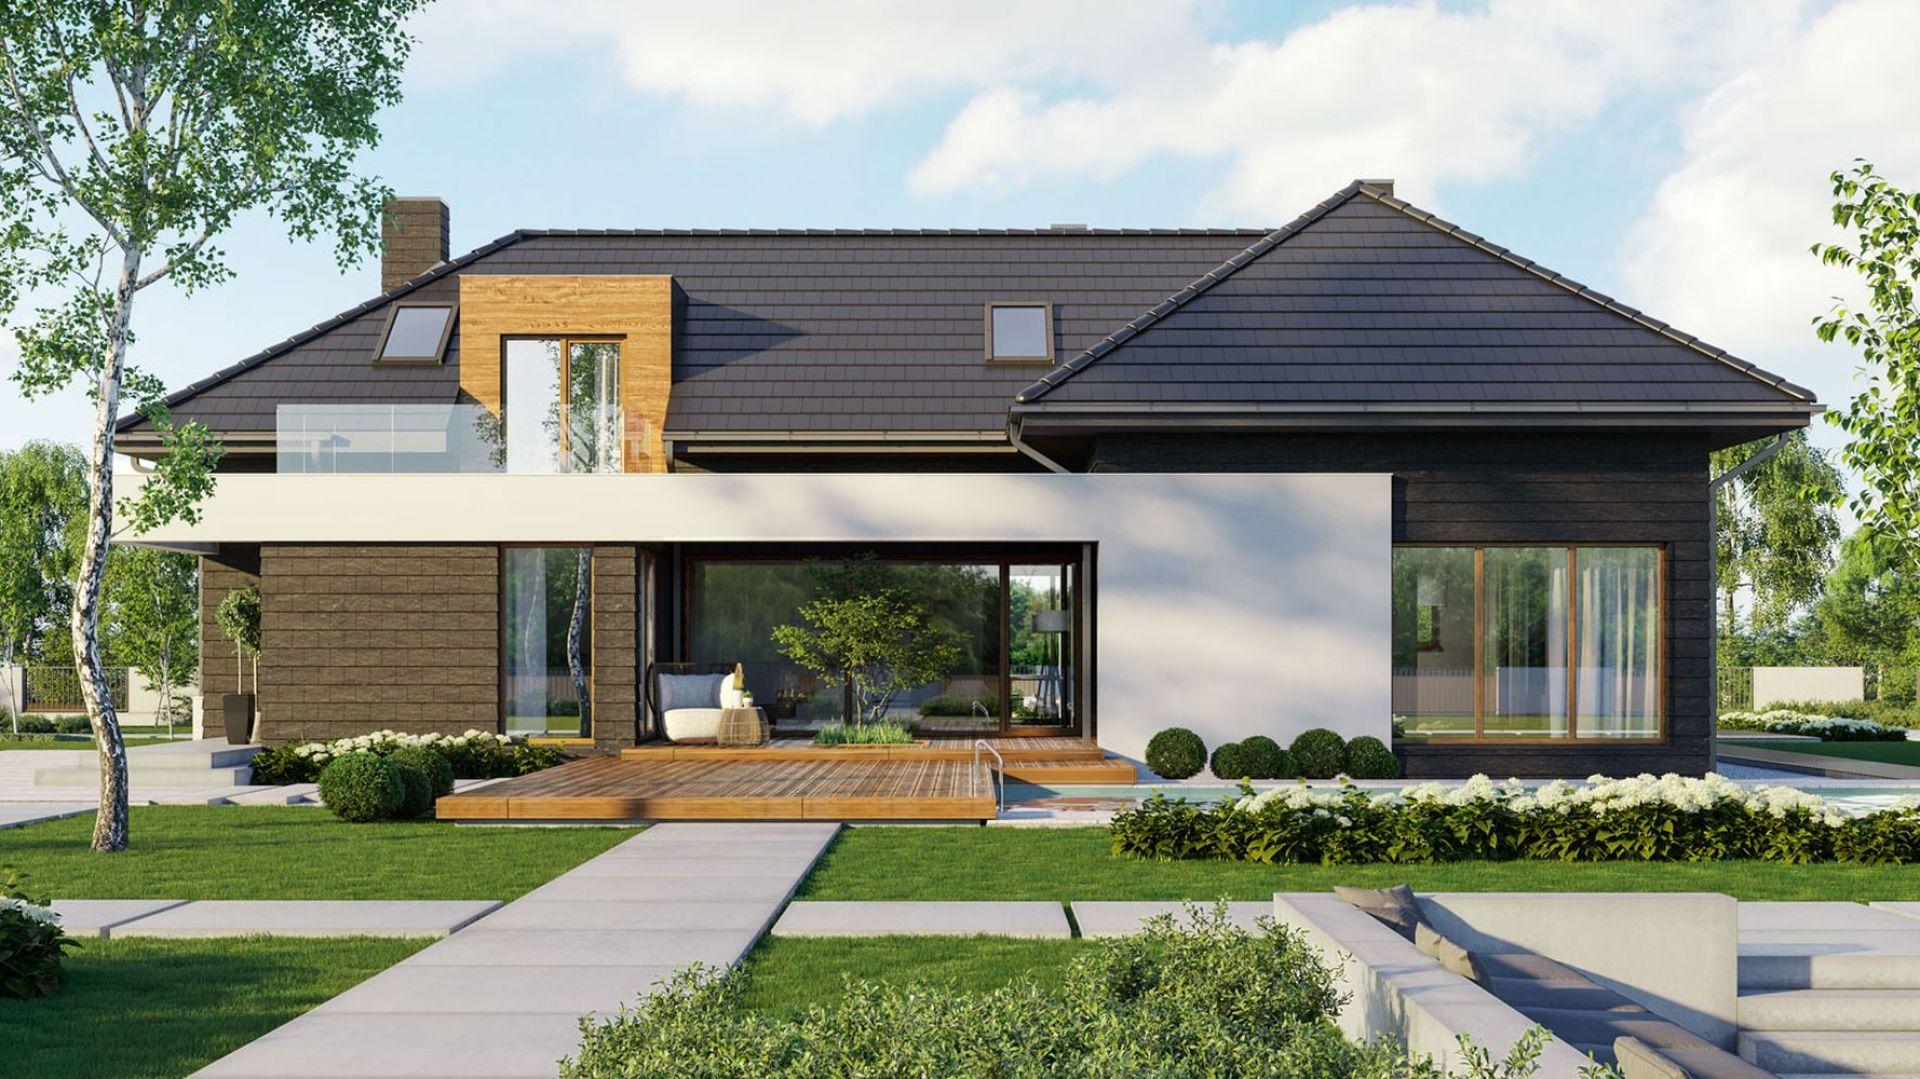 Prostokątna lukarna z wyjściem na niewielki balkon podkreśla nowoczesny charakter domu.Dom HomeKoncept 13. Projekt i zdjęcia: HomeKoncept